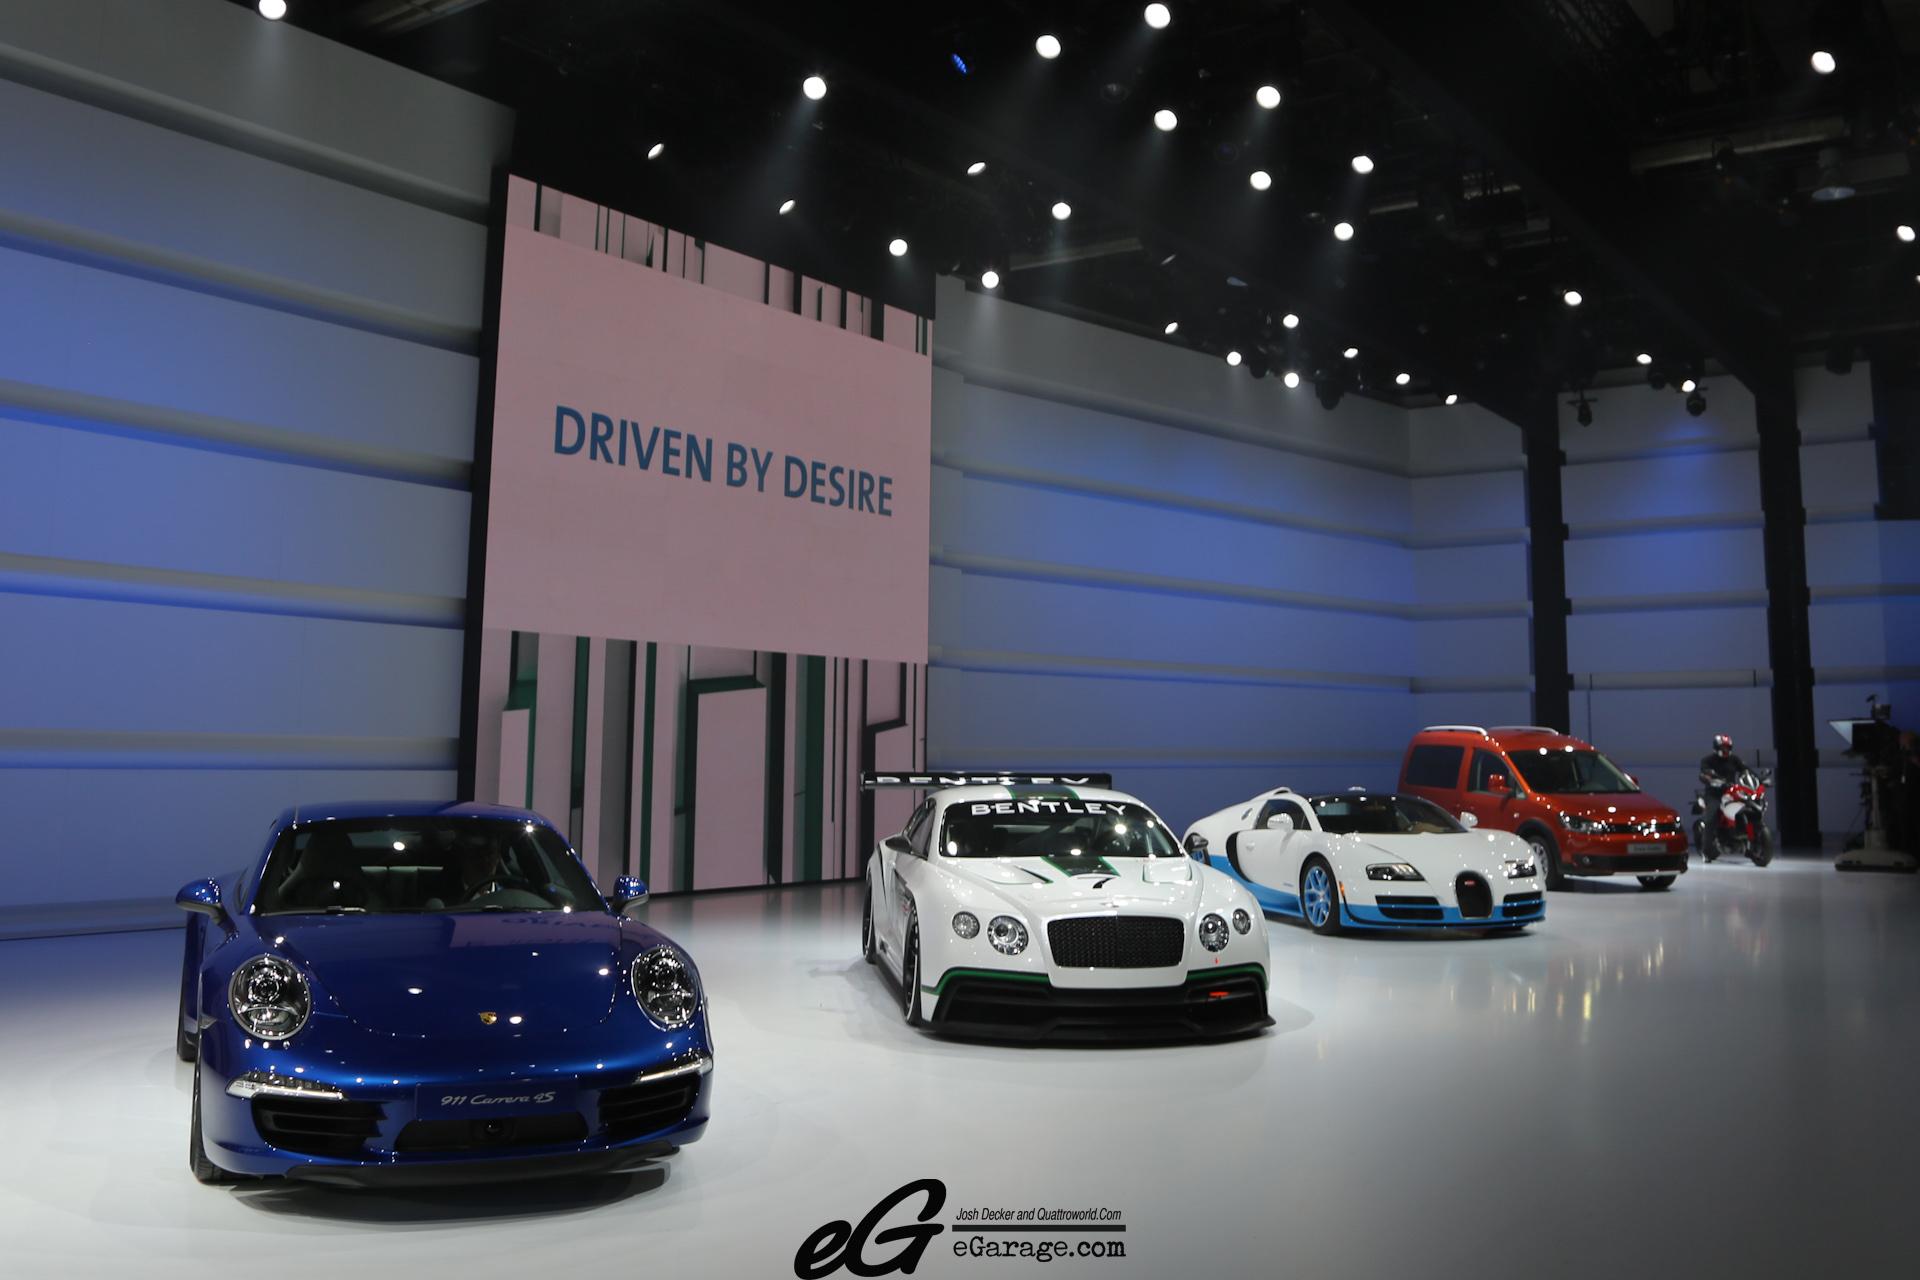 8030384339 187b510d7a o 2012 Paris Motor Show